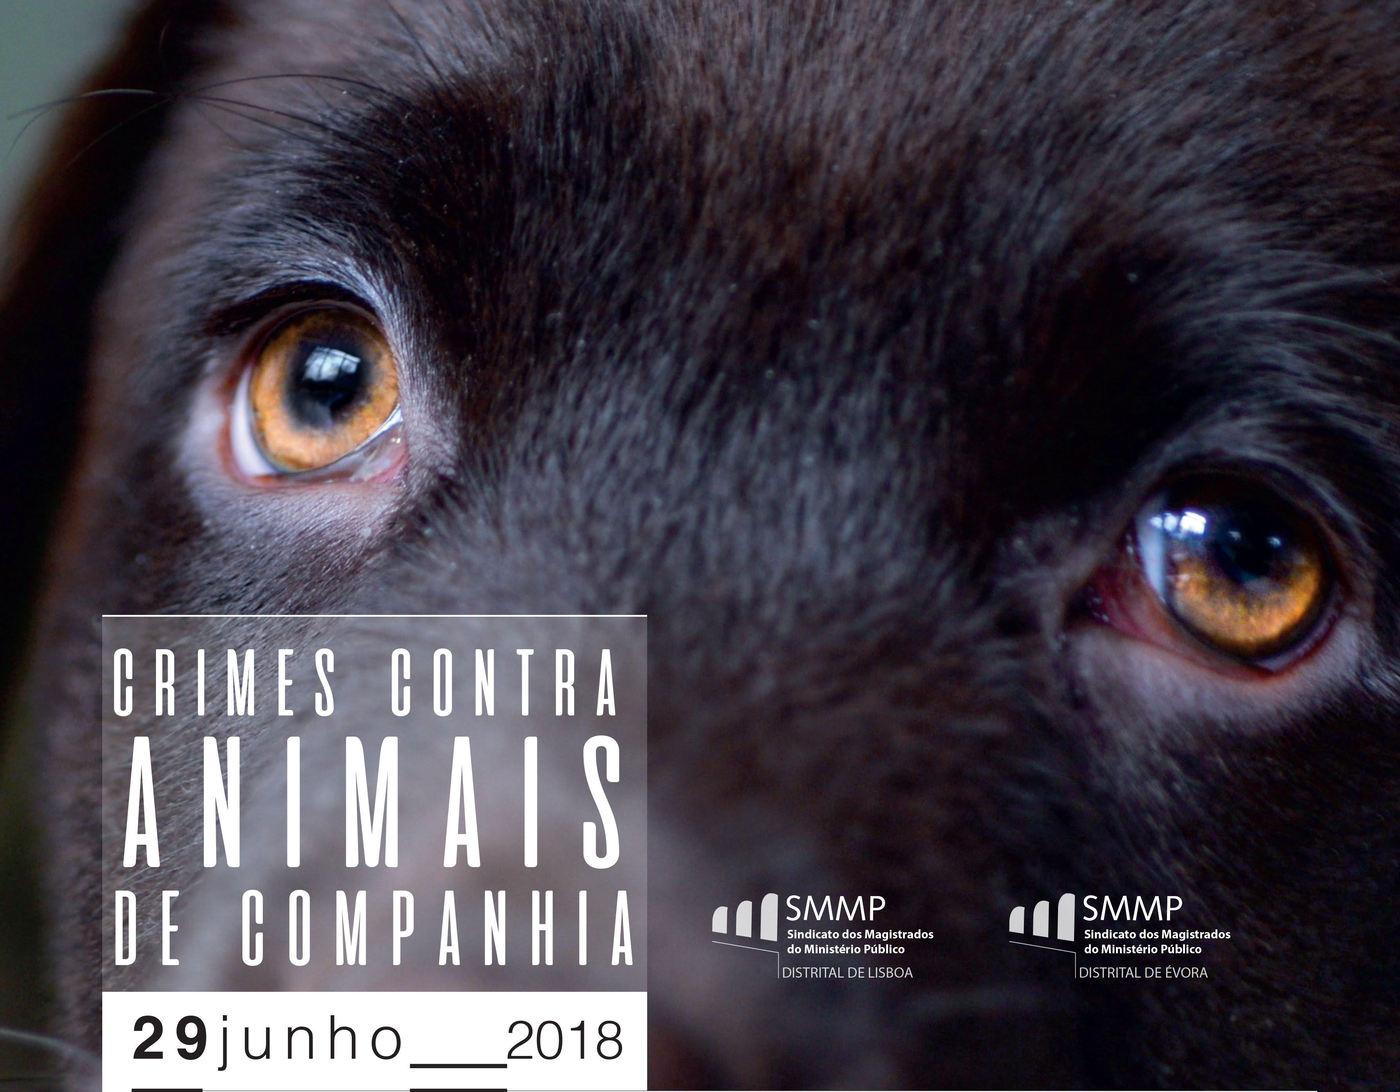 Crimes Contra Animais de Companhia